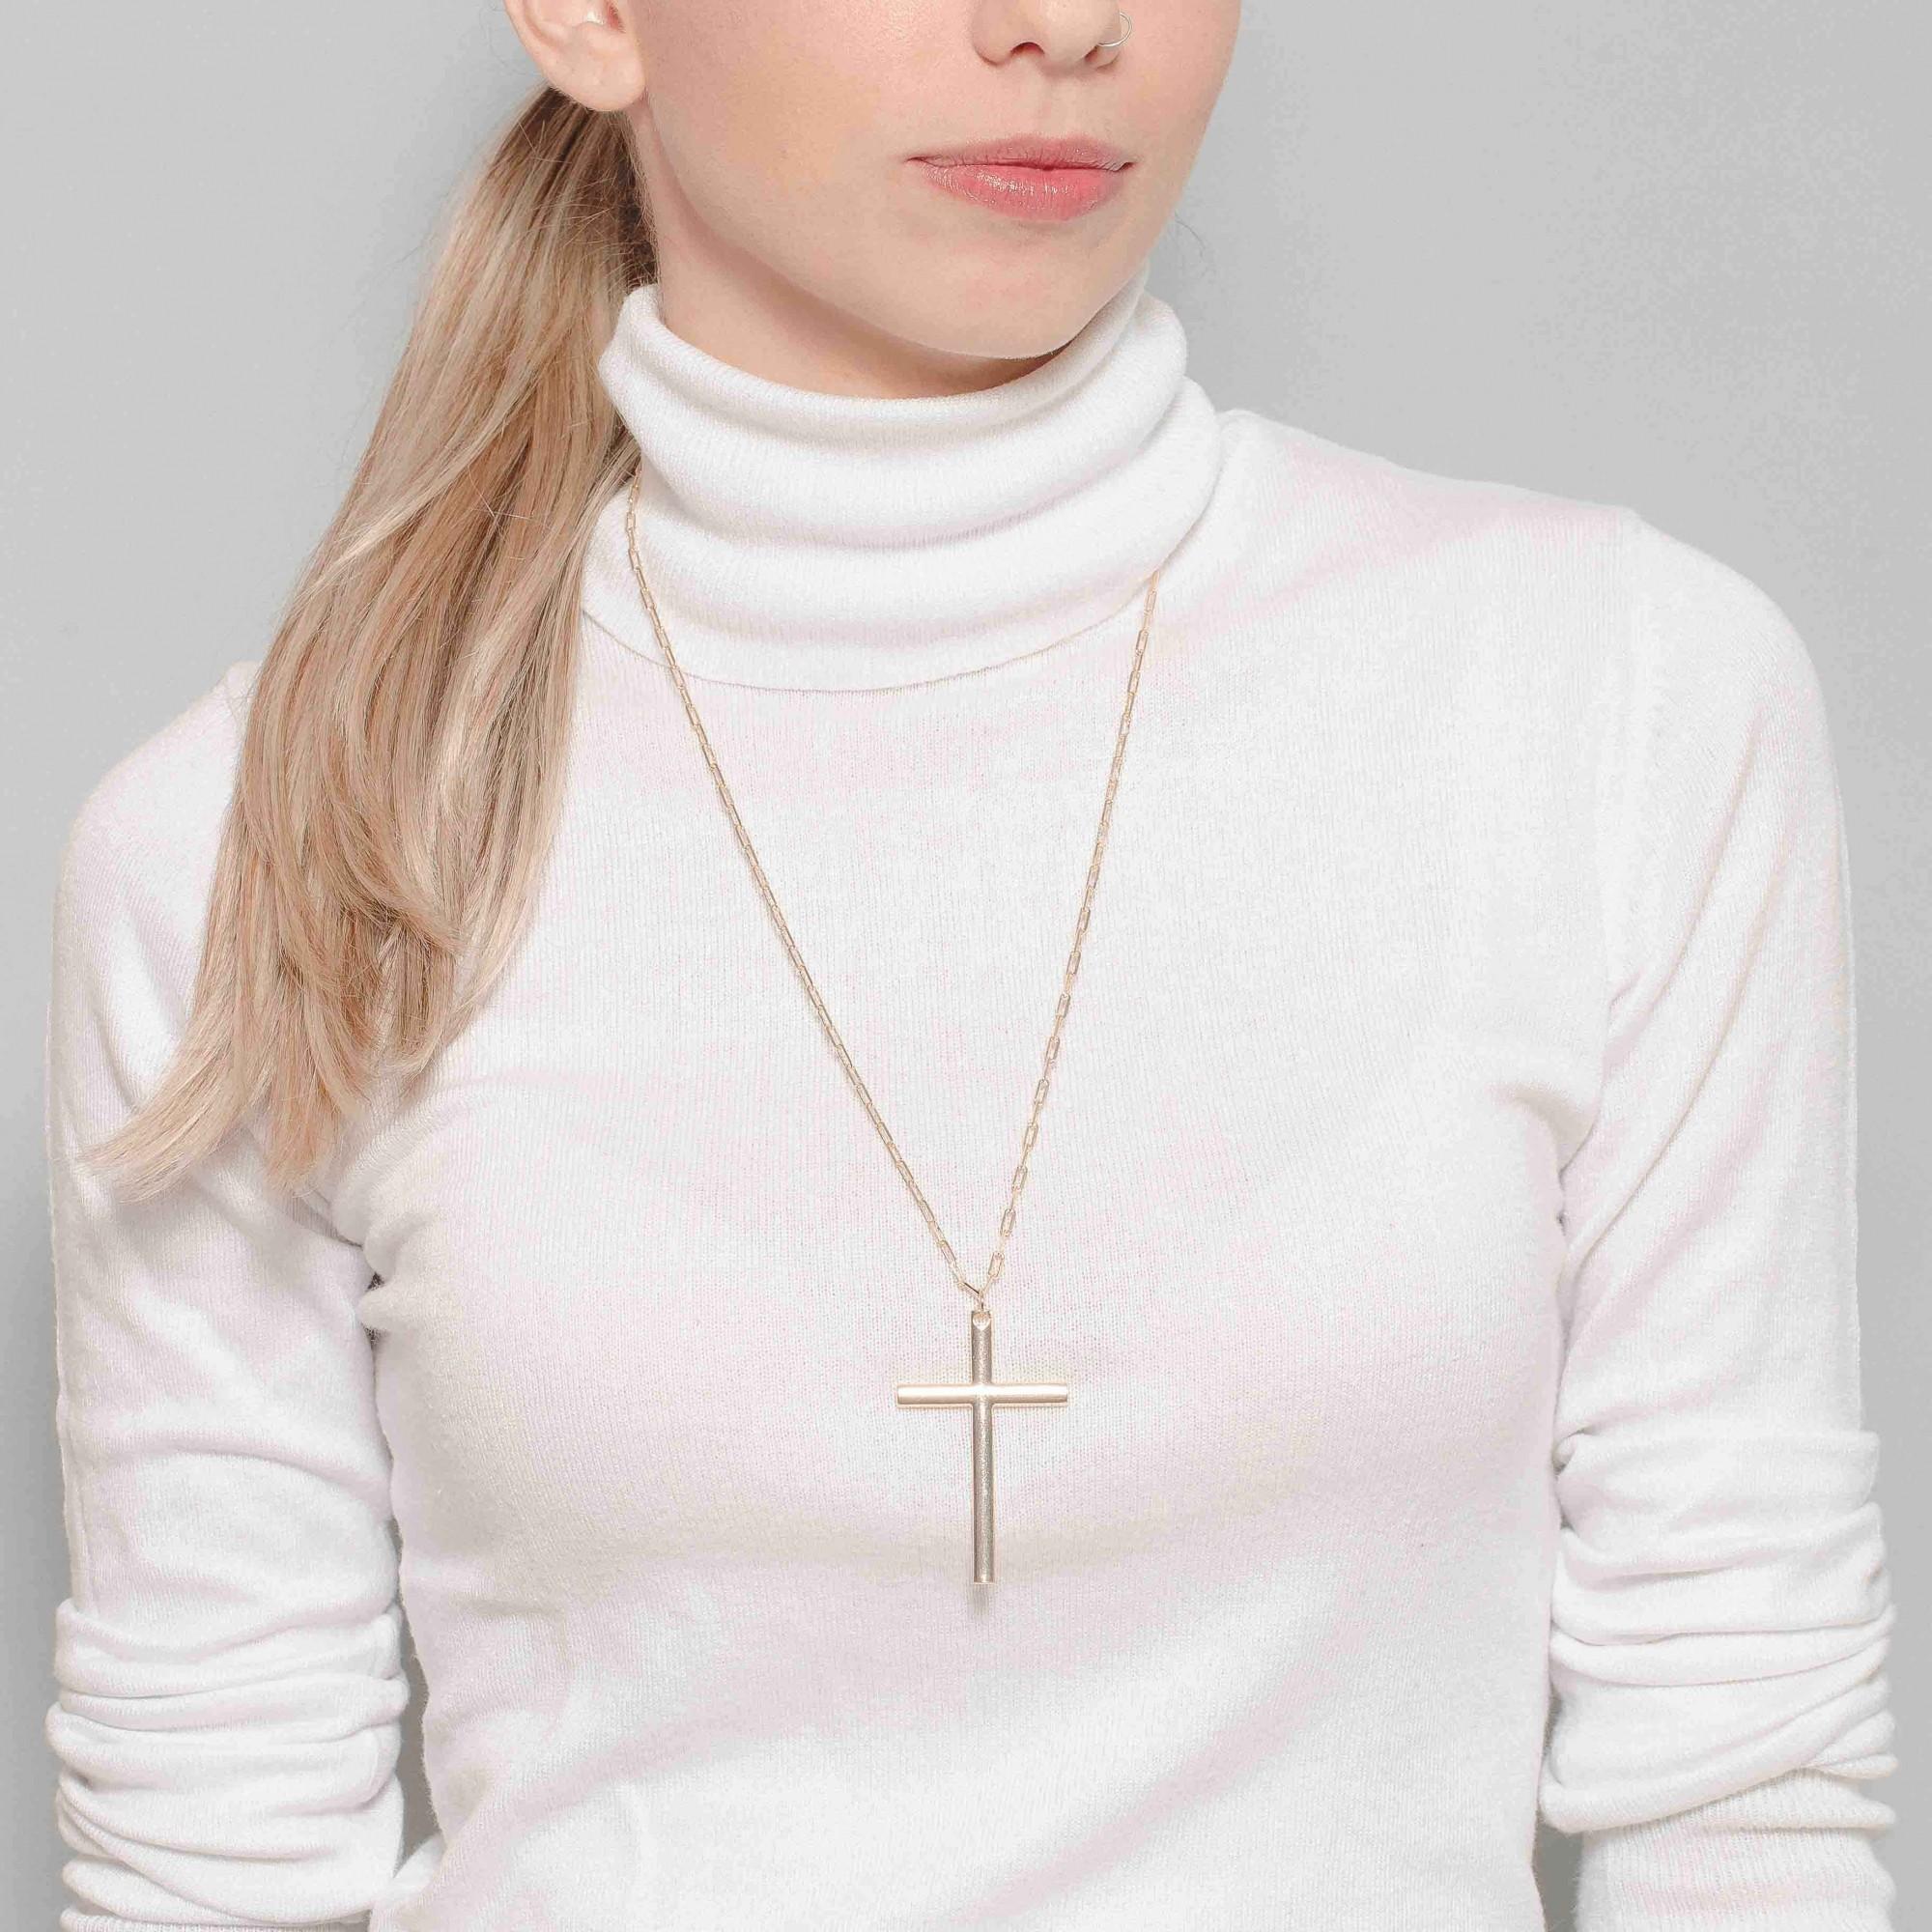 Colar com crucifixo banhado a ouro 18K  - romabrazil.com.br